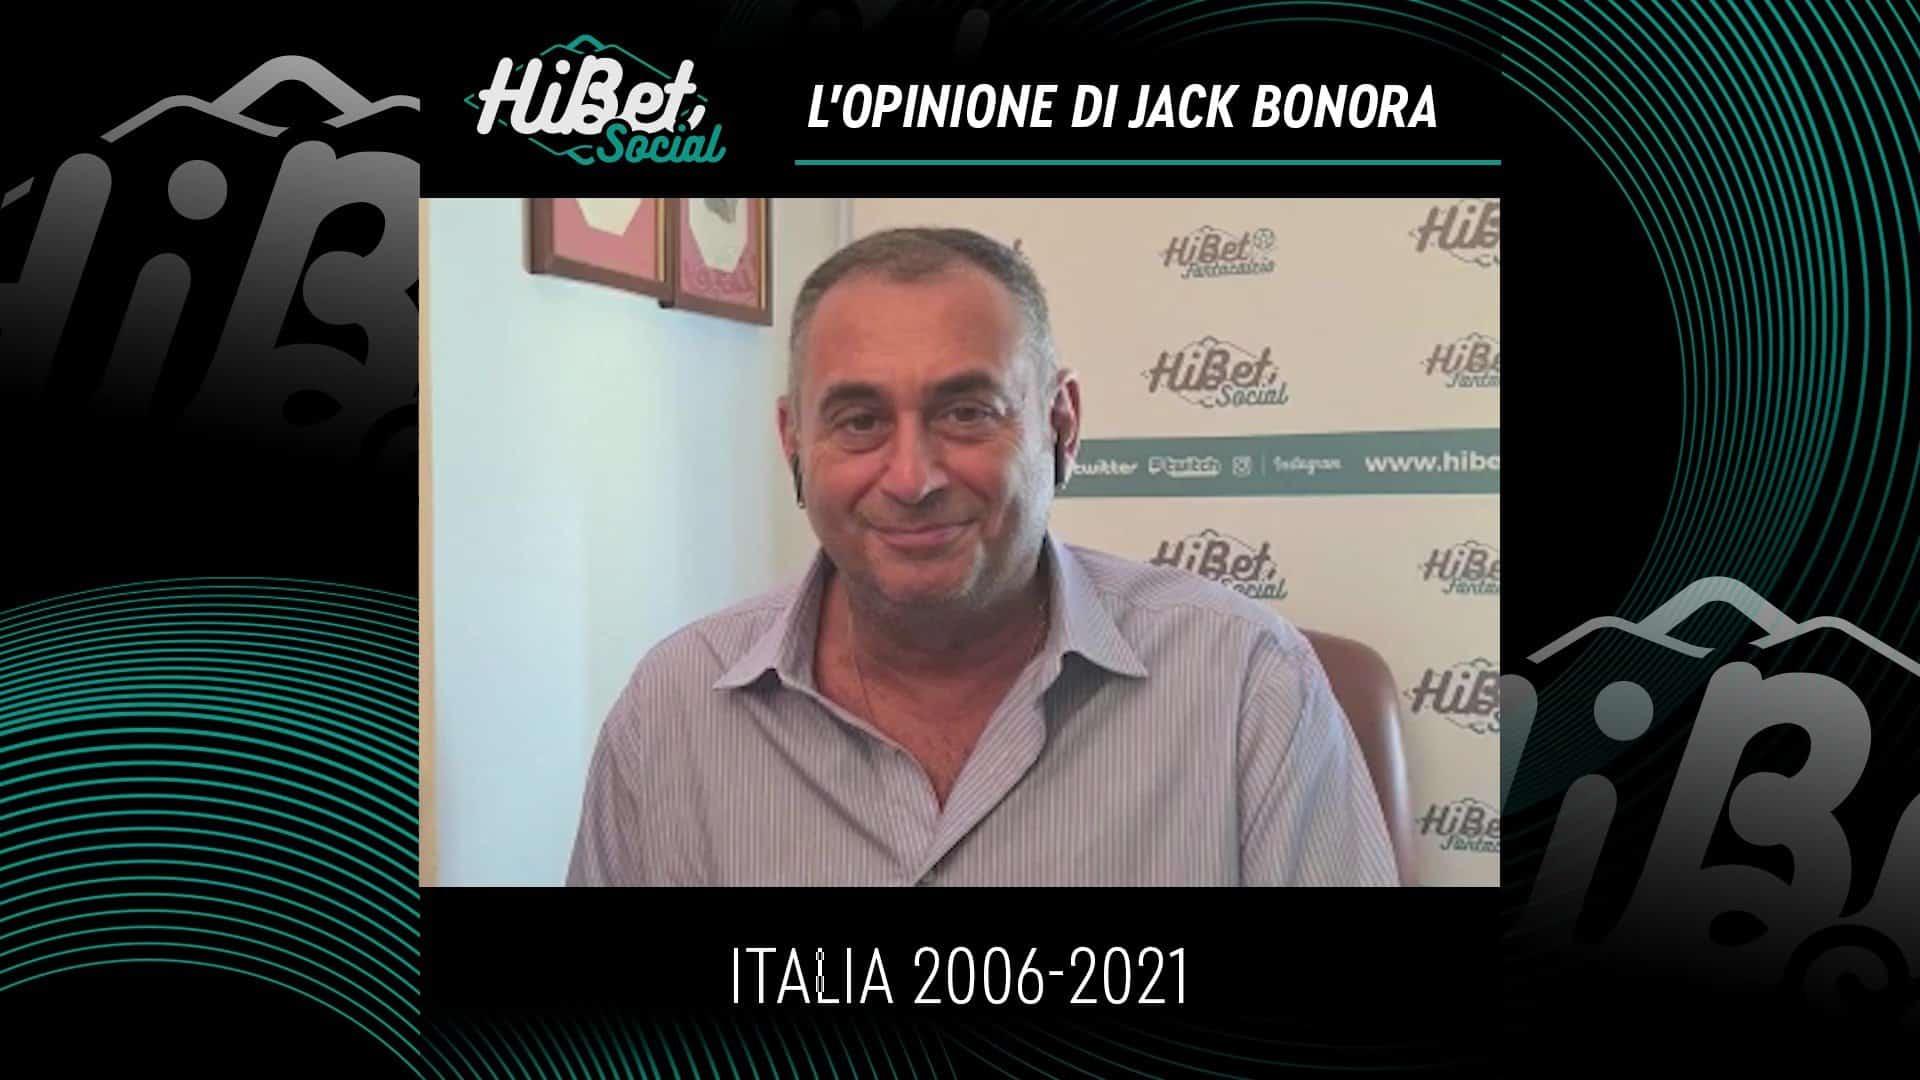 Italia 2006-2021